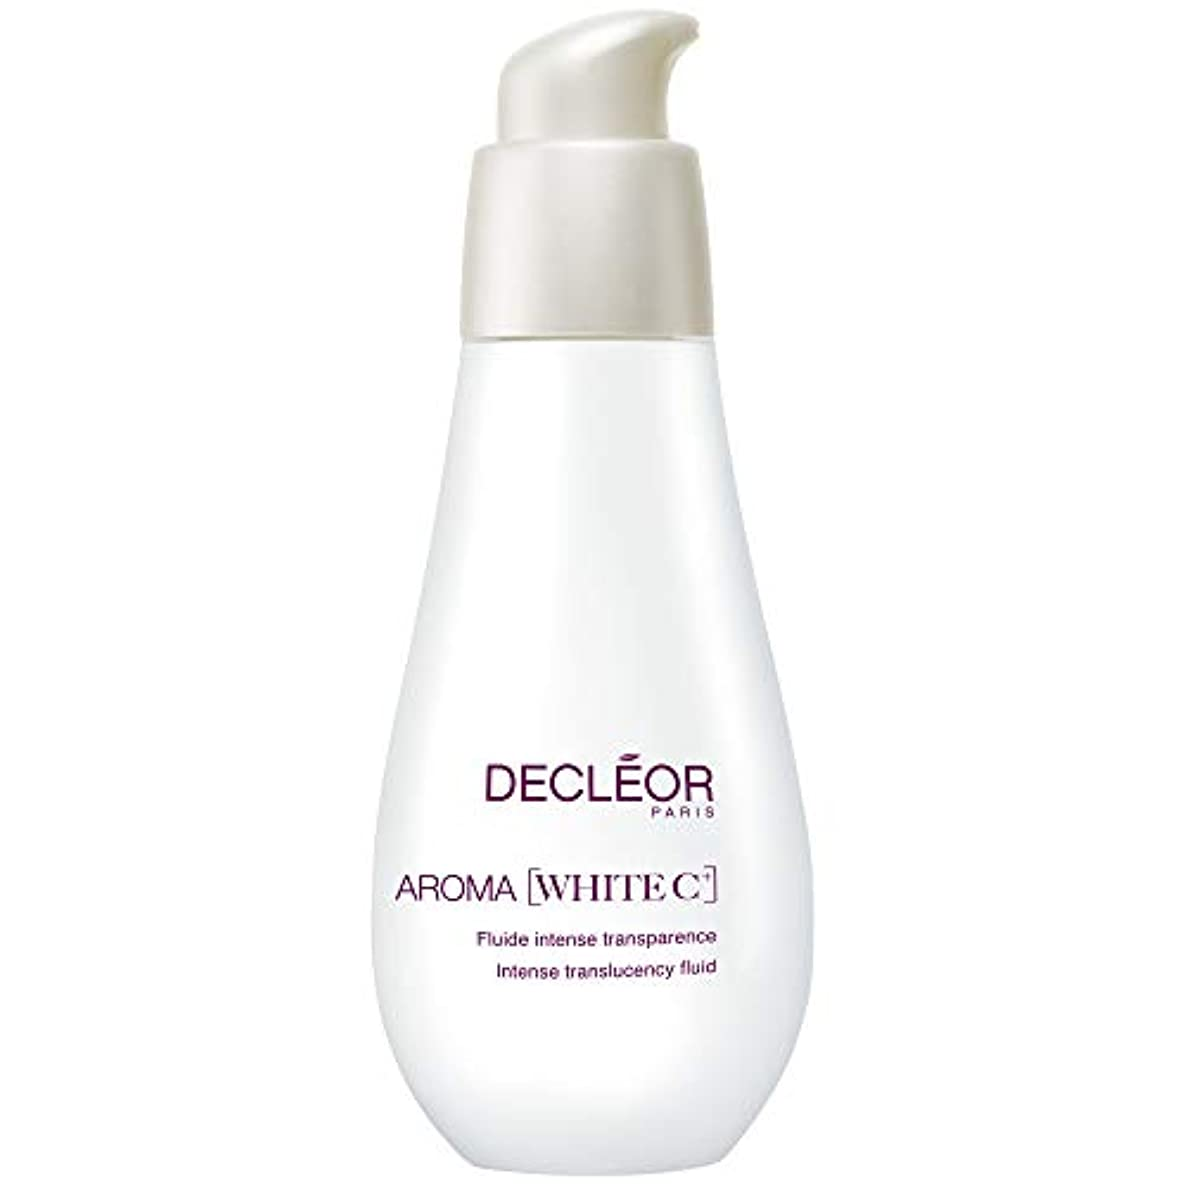 コンピューターゲームをプレイする警告するシニス[Decl?or] デクレオールアロマホワイトC +強烈な半透明の液体50ミリリットル - Decl?or Aroma White C+Intense Translucency Fluid 50ml [並行輸入品]